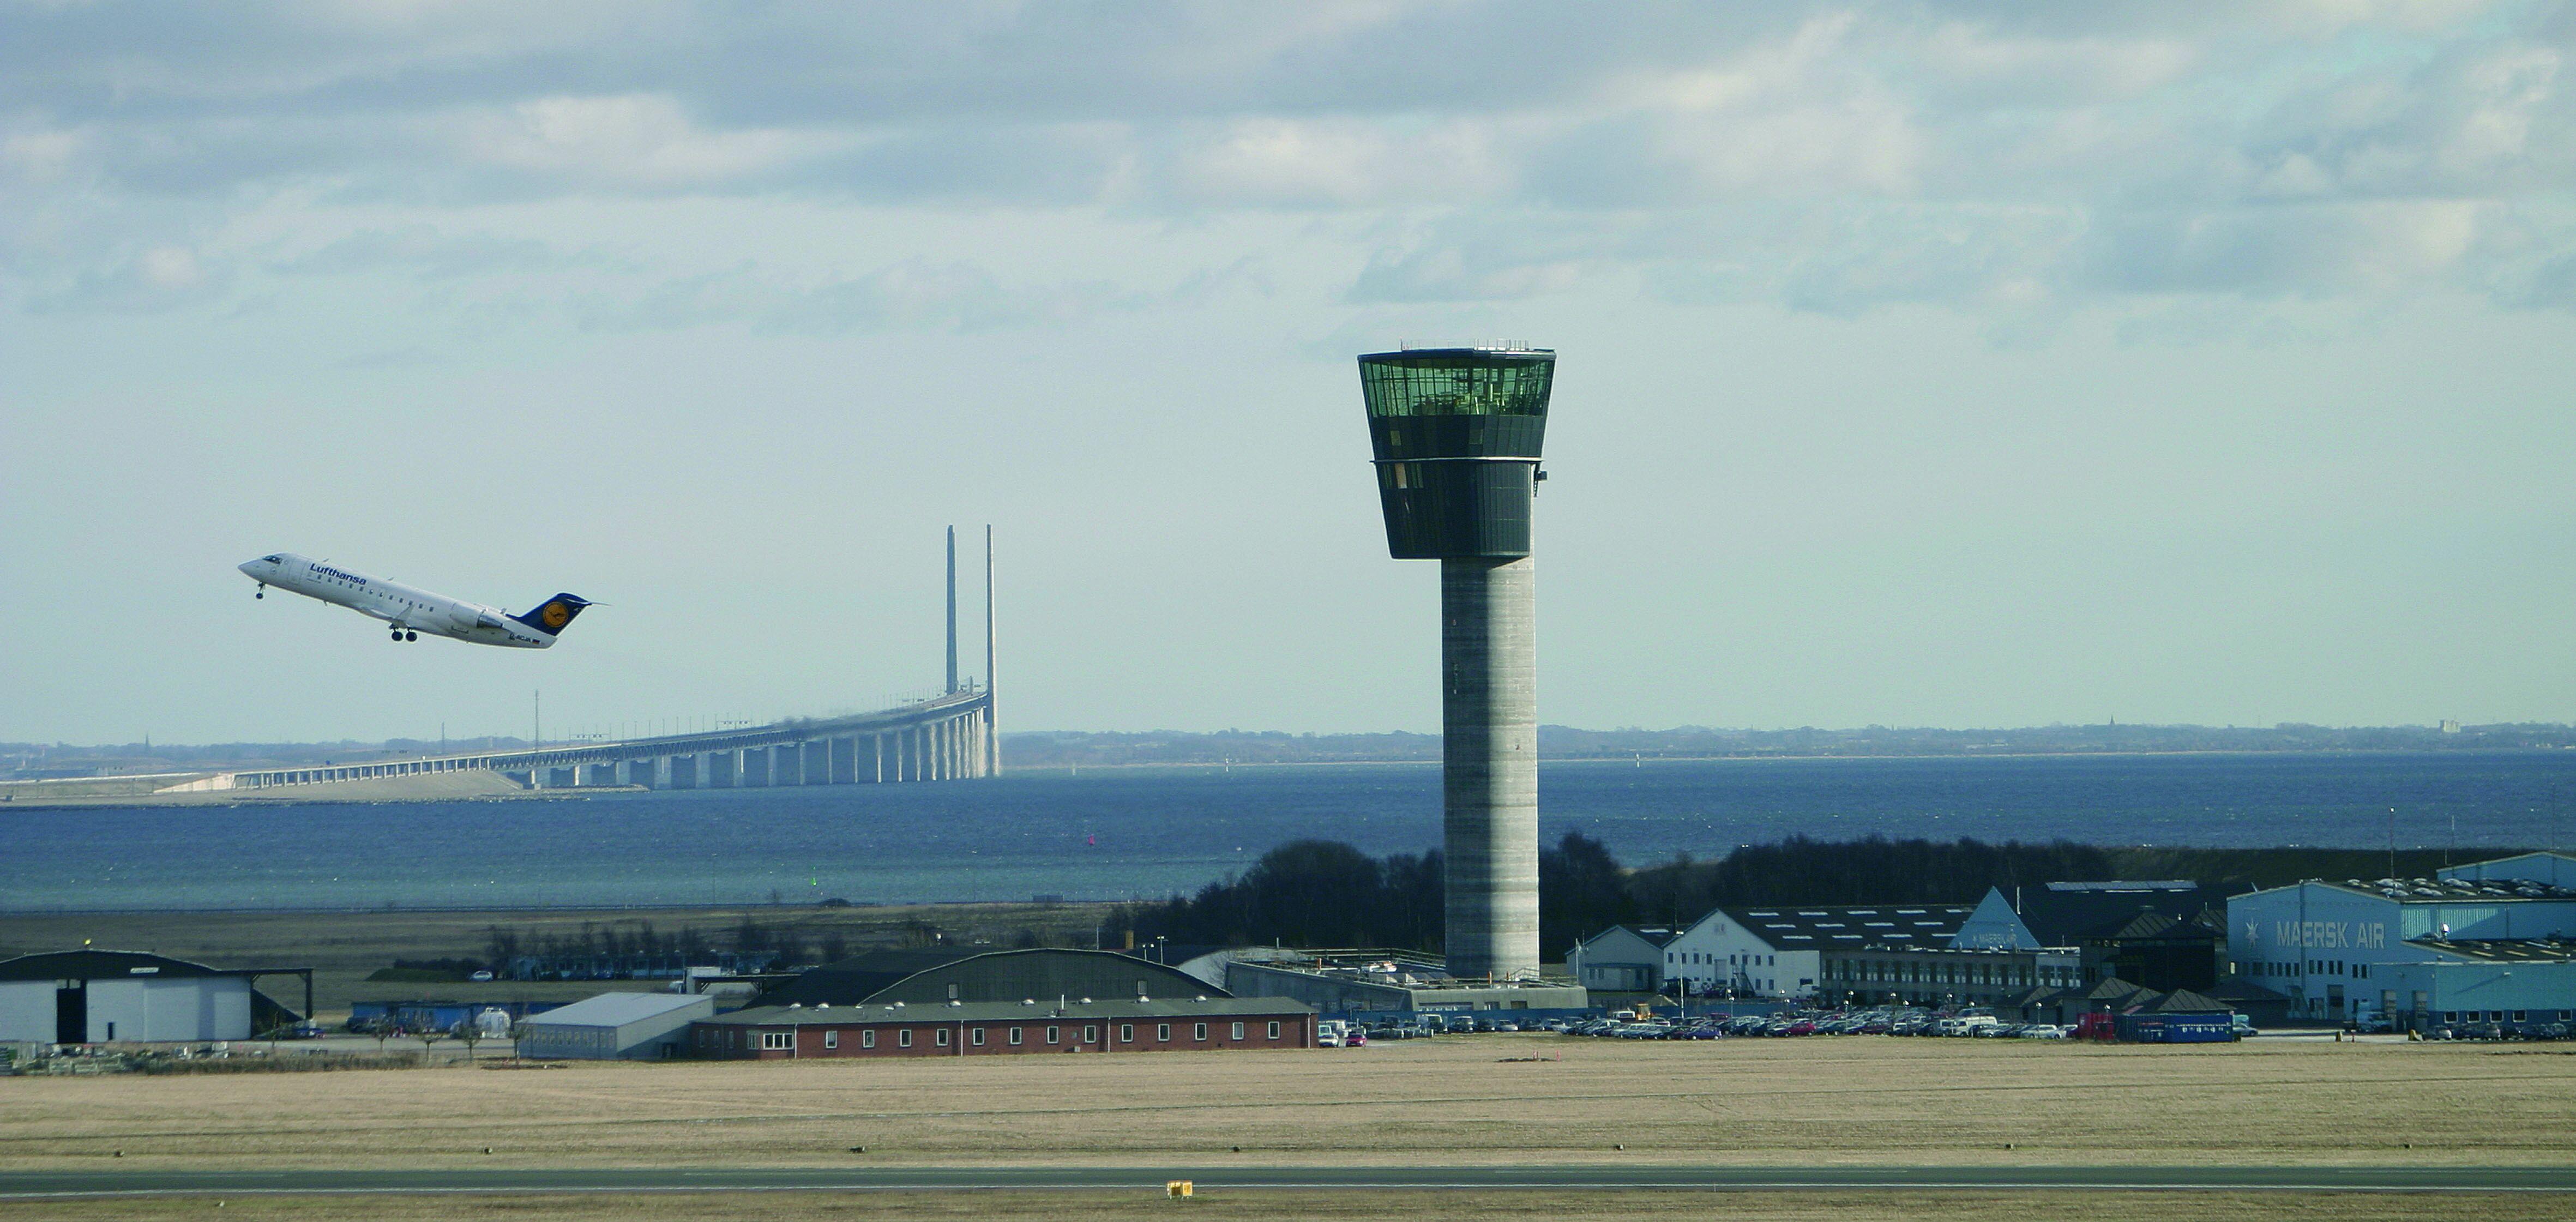 Klik for stort format. Københavns Lufthavn har ni af sine over 30 millioner årlige passagerer i de tre sommermåneder. Pressefoto: Københavns Lufthavn.